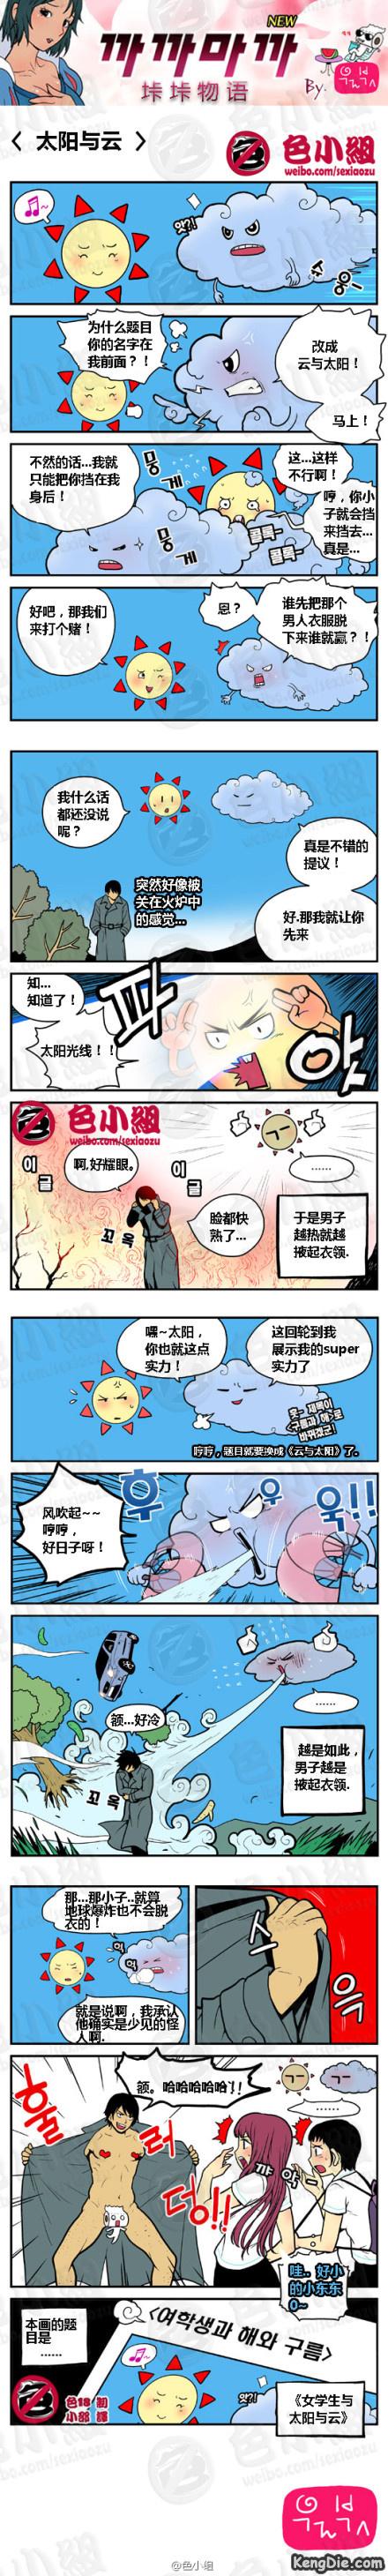 色小组邪恶漫画:脱衣男子